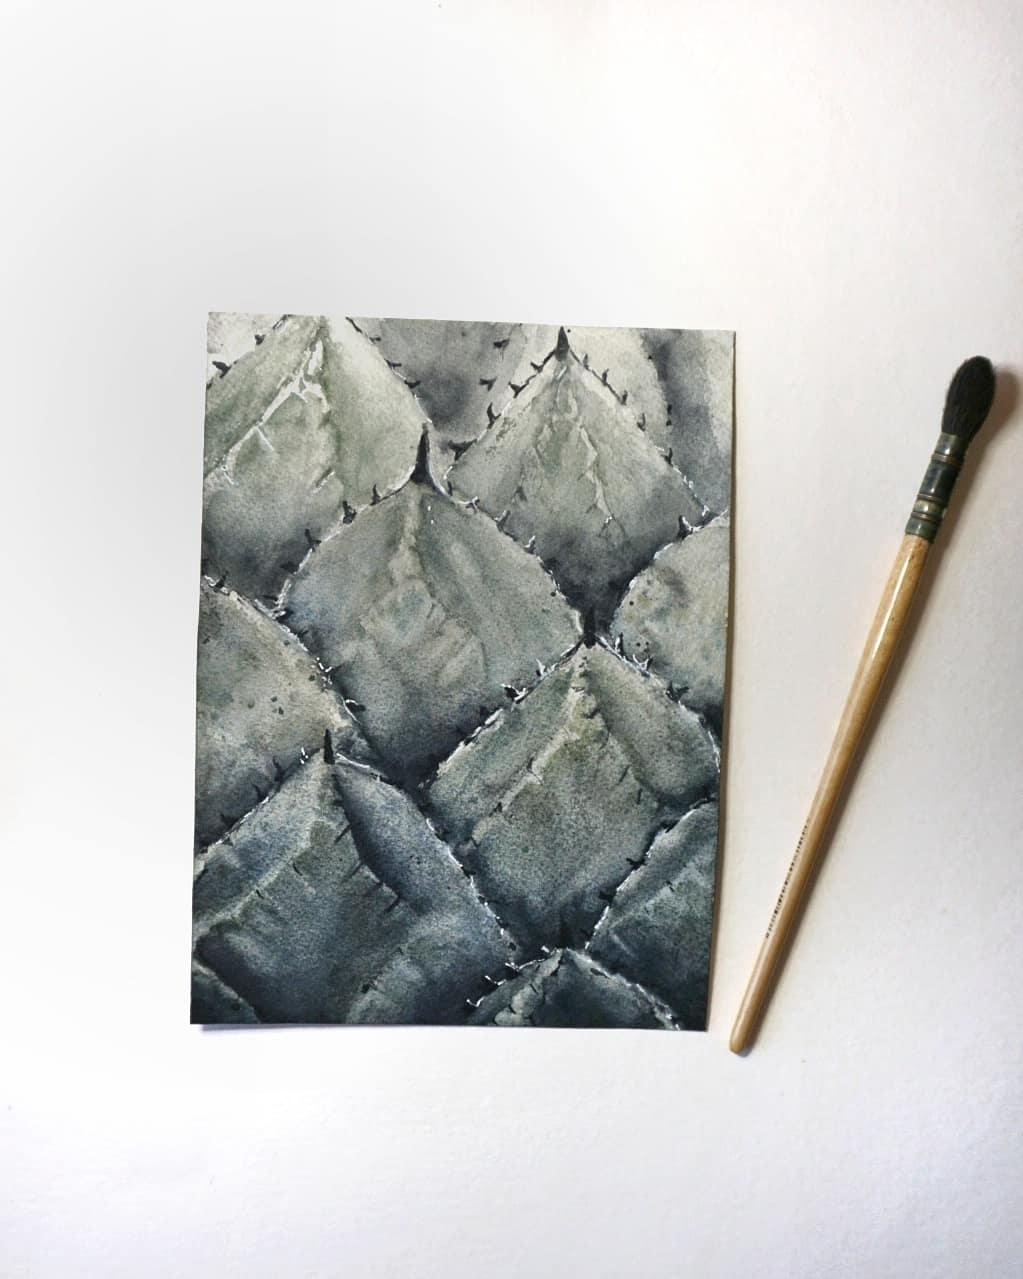 Auftragsarbeit-Kunstwerk-Wohnzimmer-Einrichtung-Original-Aquarell